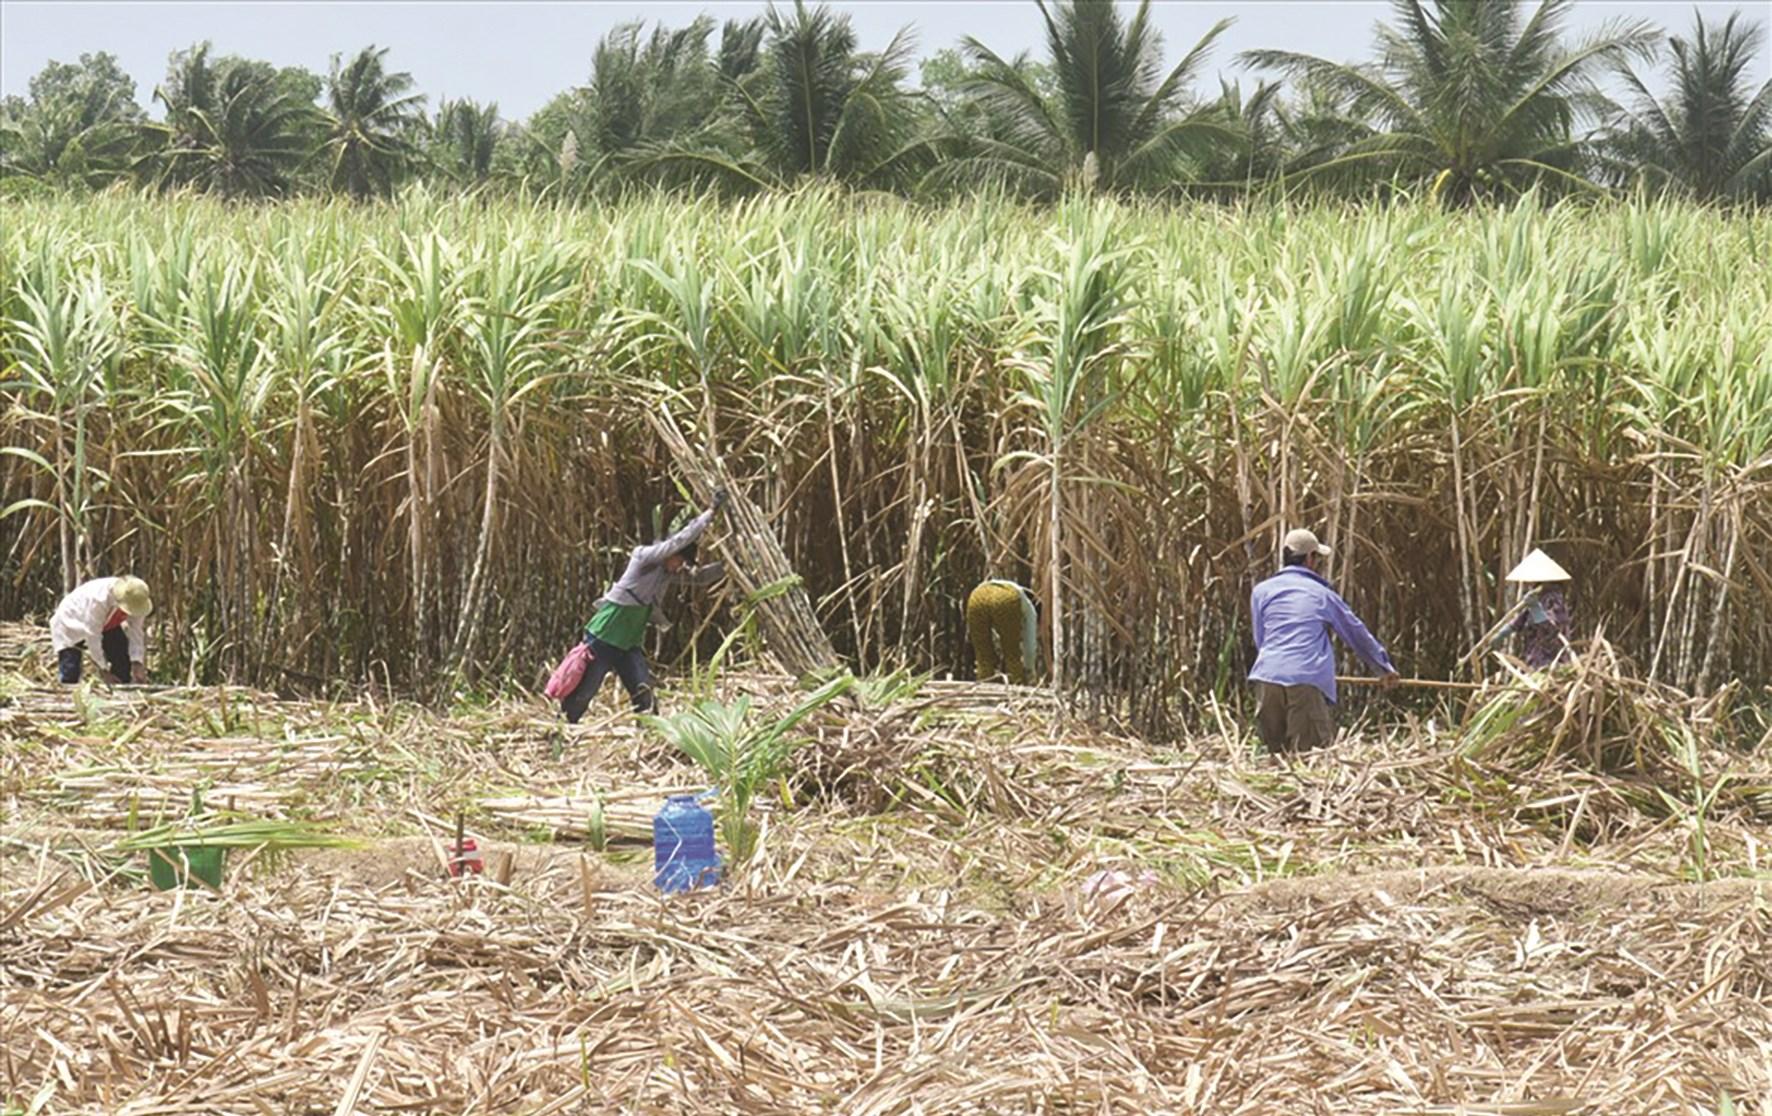 """Đồng bào Khmer huyện Trà Cú sinh sống bằng nghề trồng mía, nhưng nhiều hộ đã bị """"lừa"""" mất đất sản xuất."""